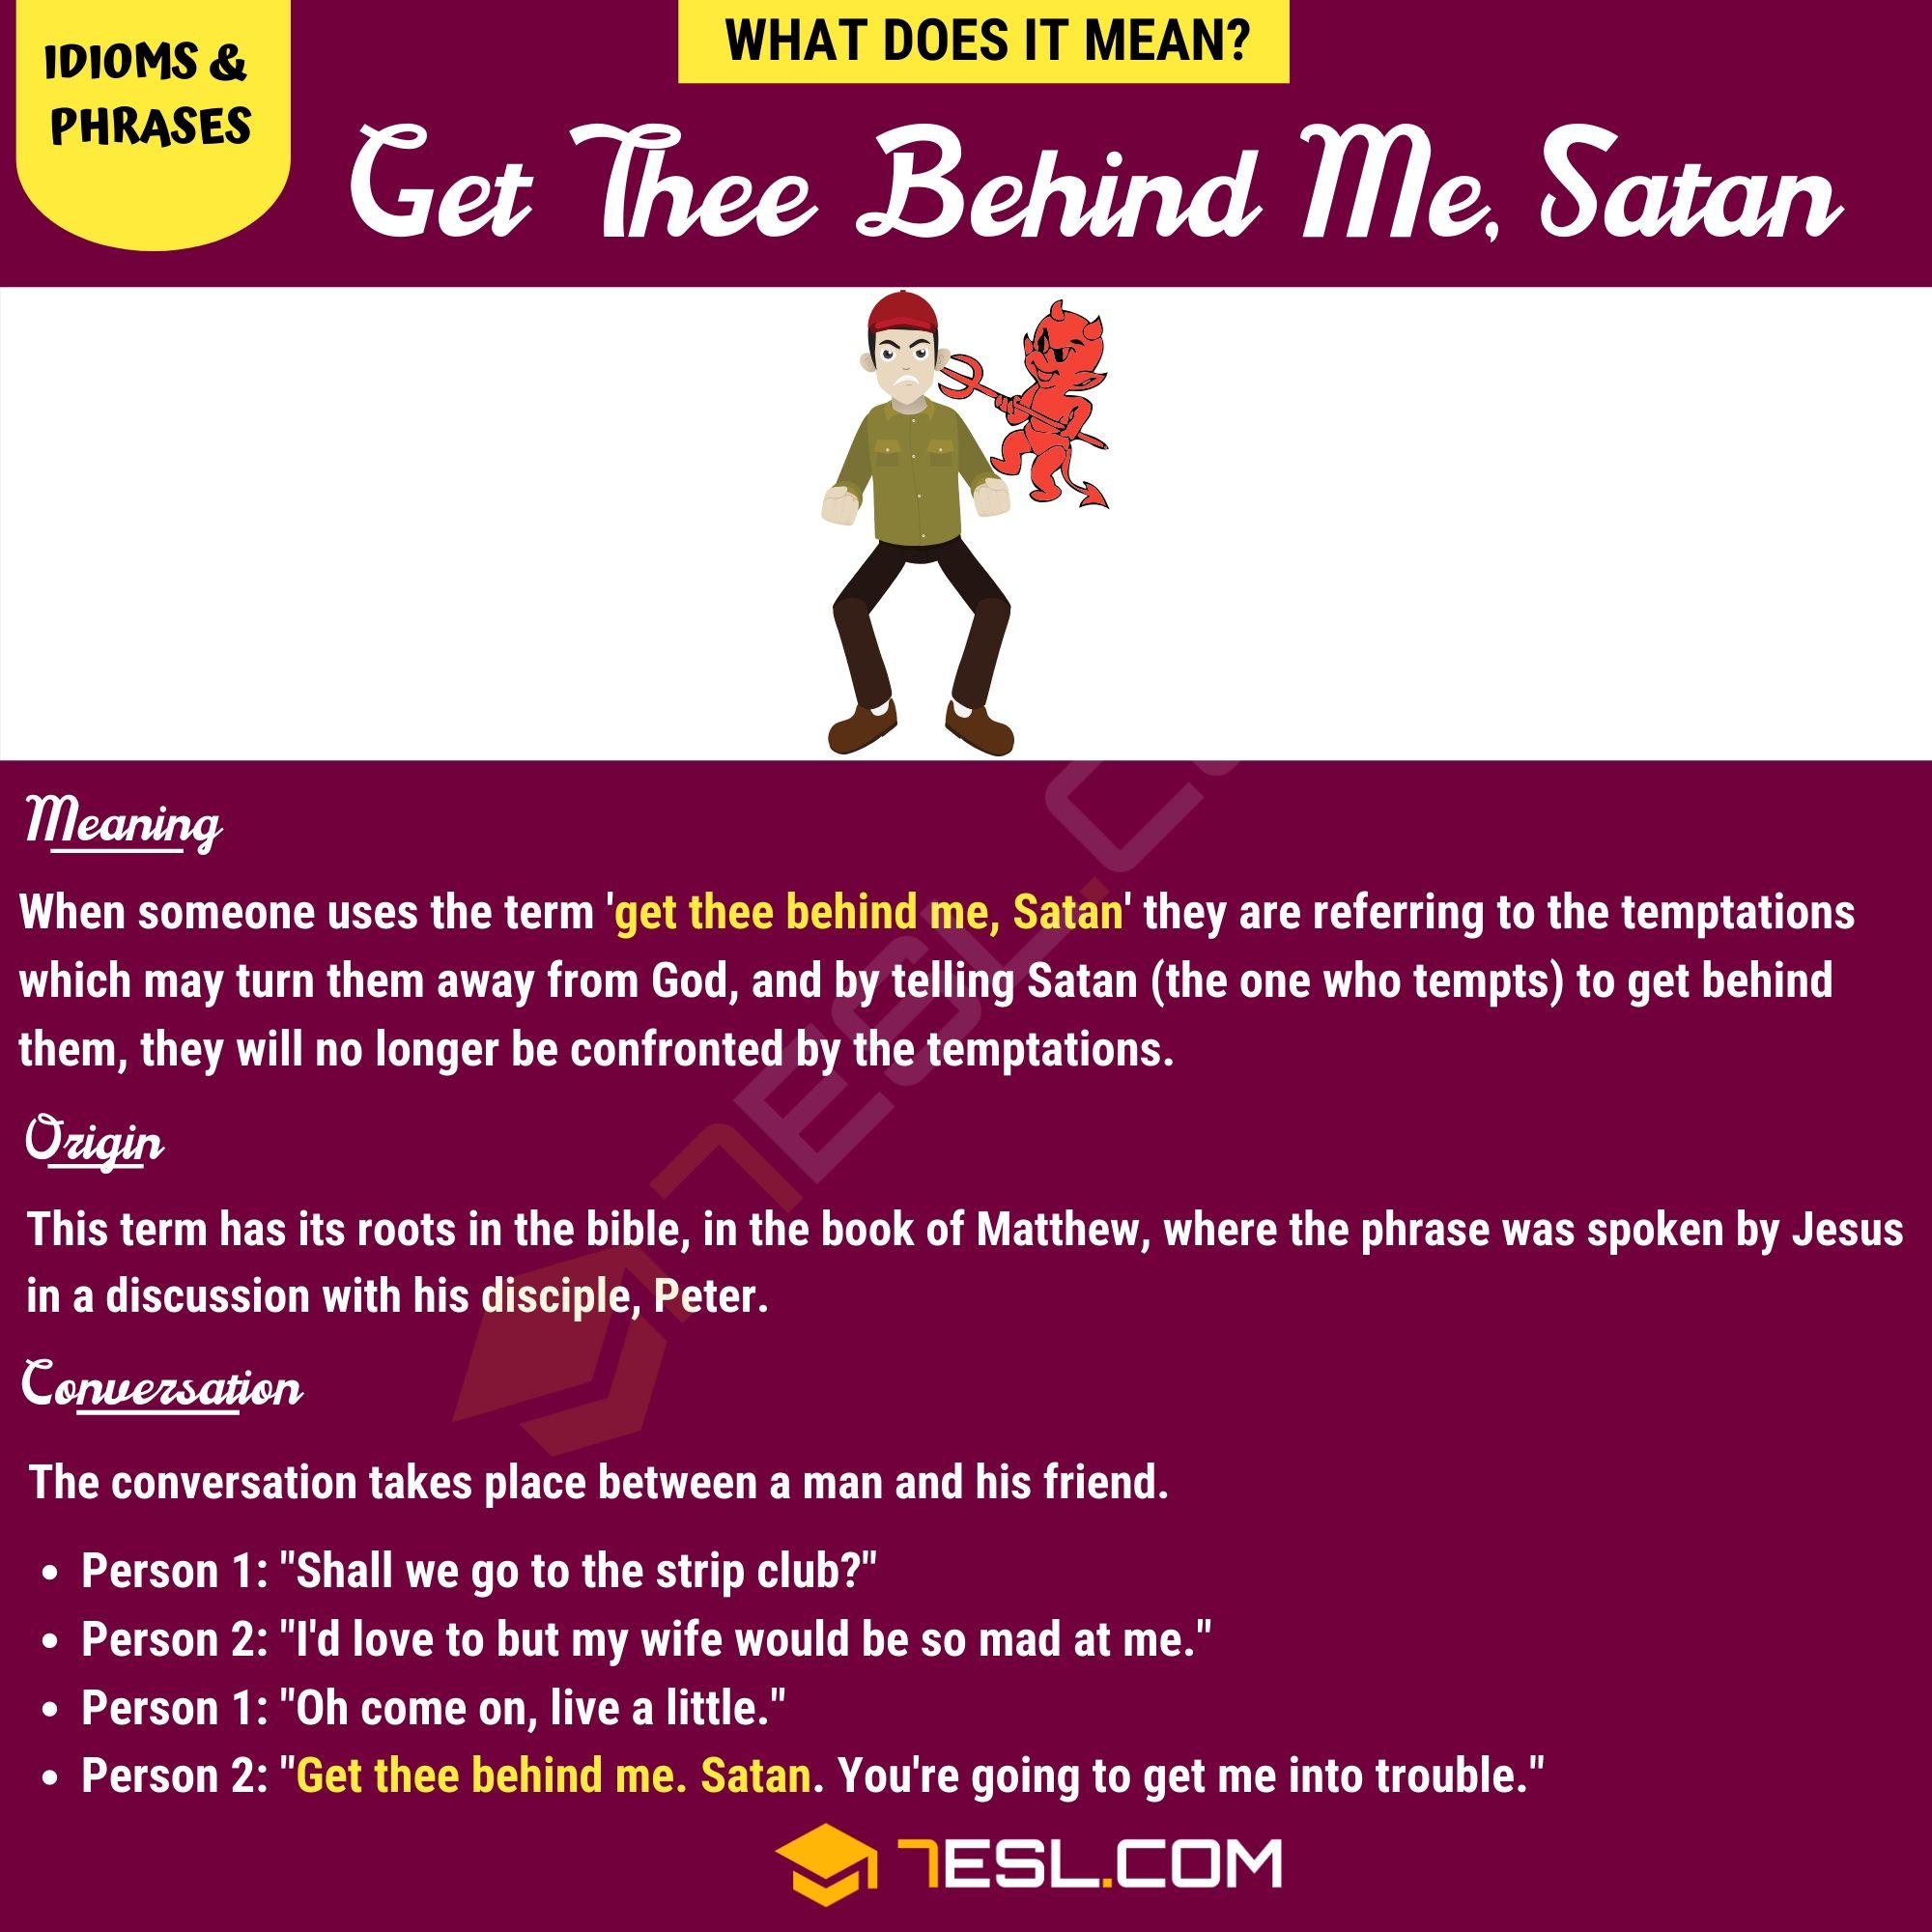 Get Thee Behind Me, Satan